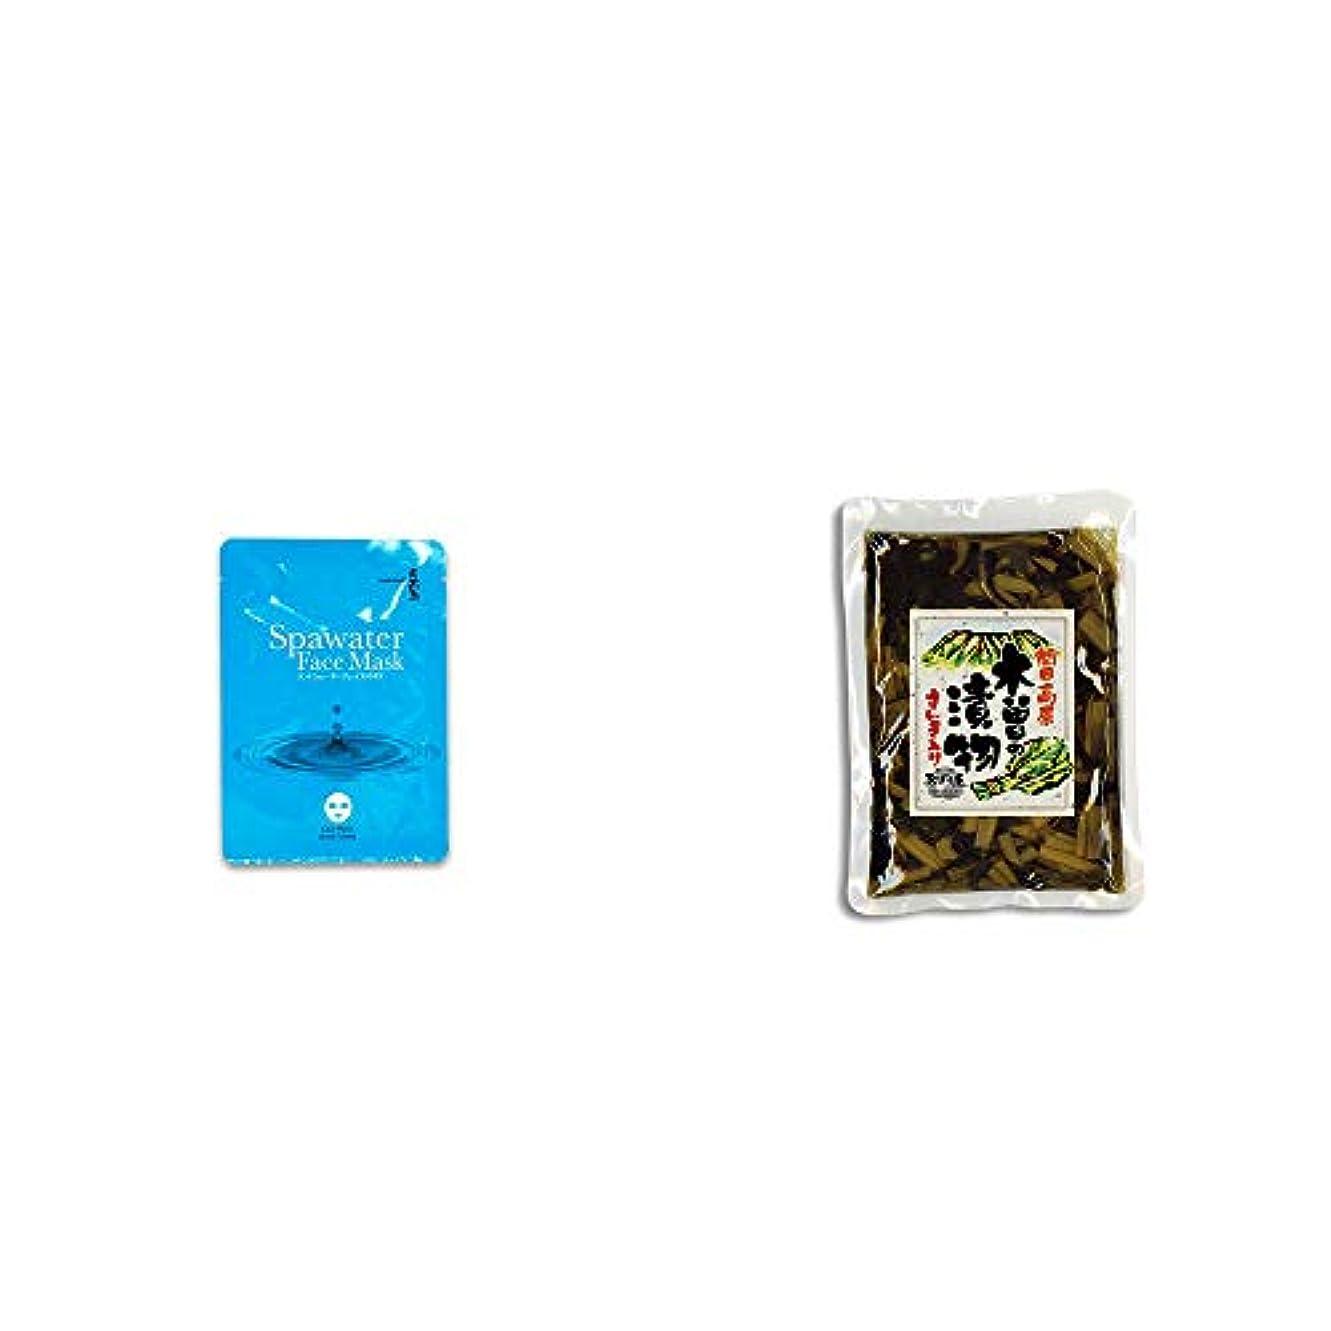 発音素朴な死[2点セット] ひのき炭黒泉 スパウォーターフェイスマスク(18ml×3枚入)?【年中販売】木曽の漬物 すんき入り(200g) / すんき漬け味付加工品 //